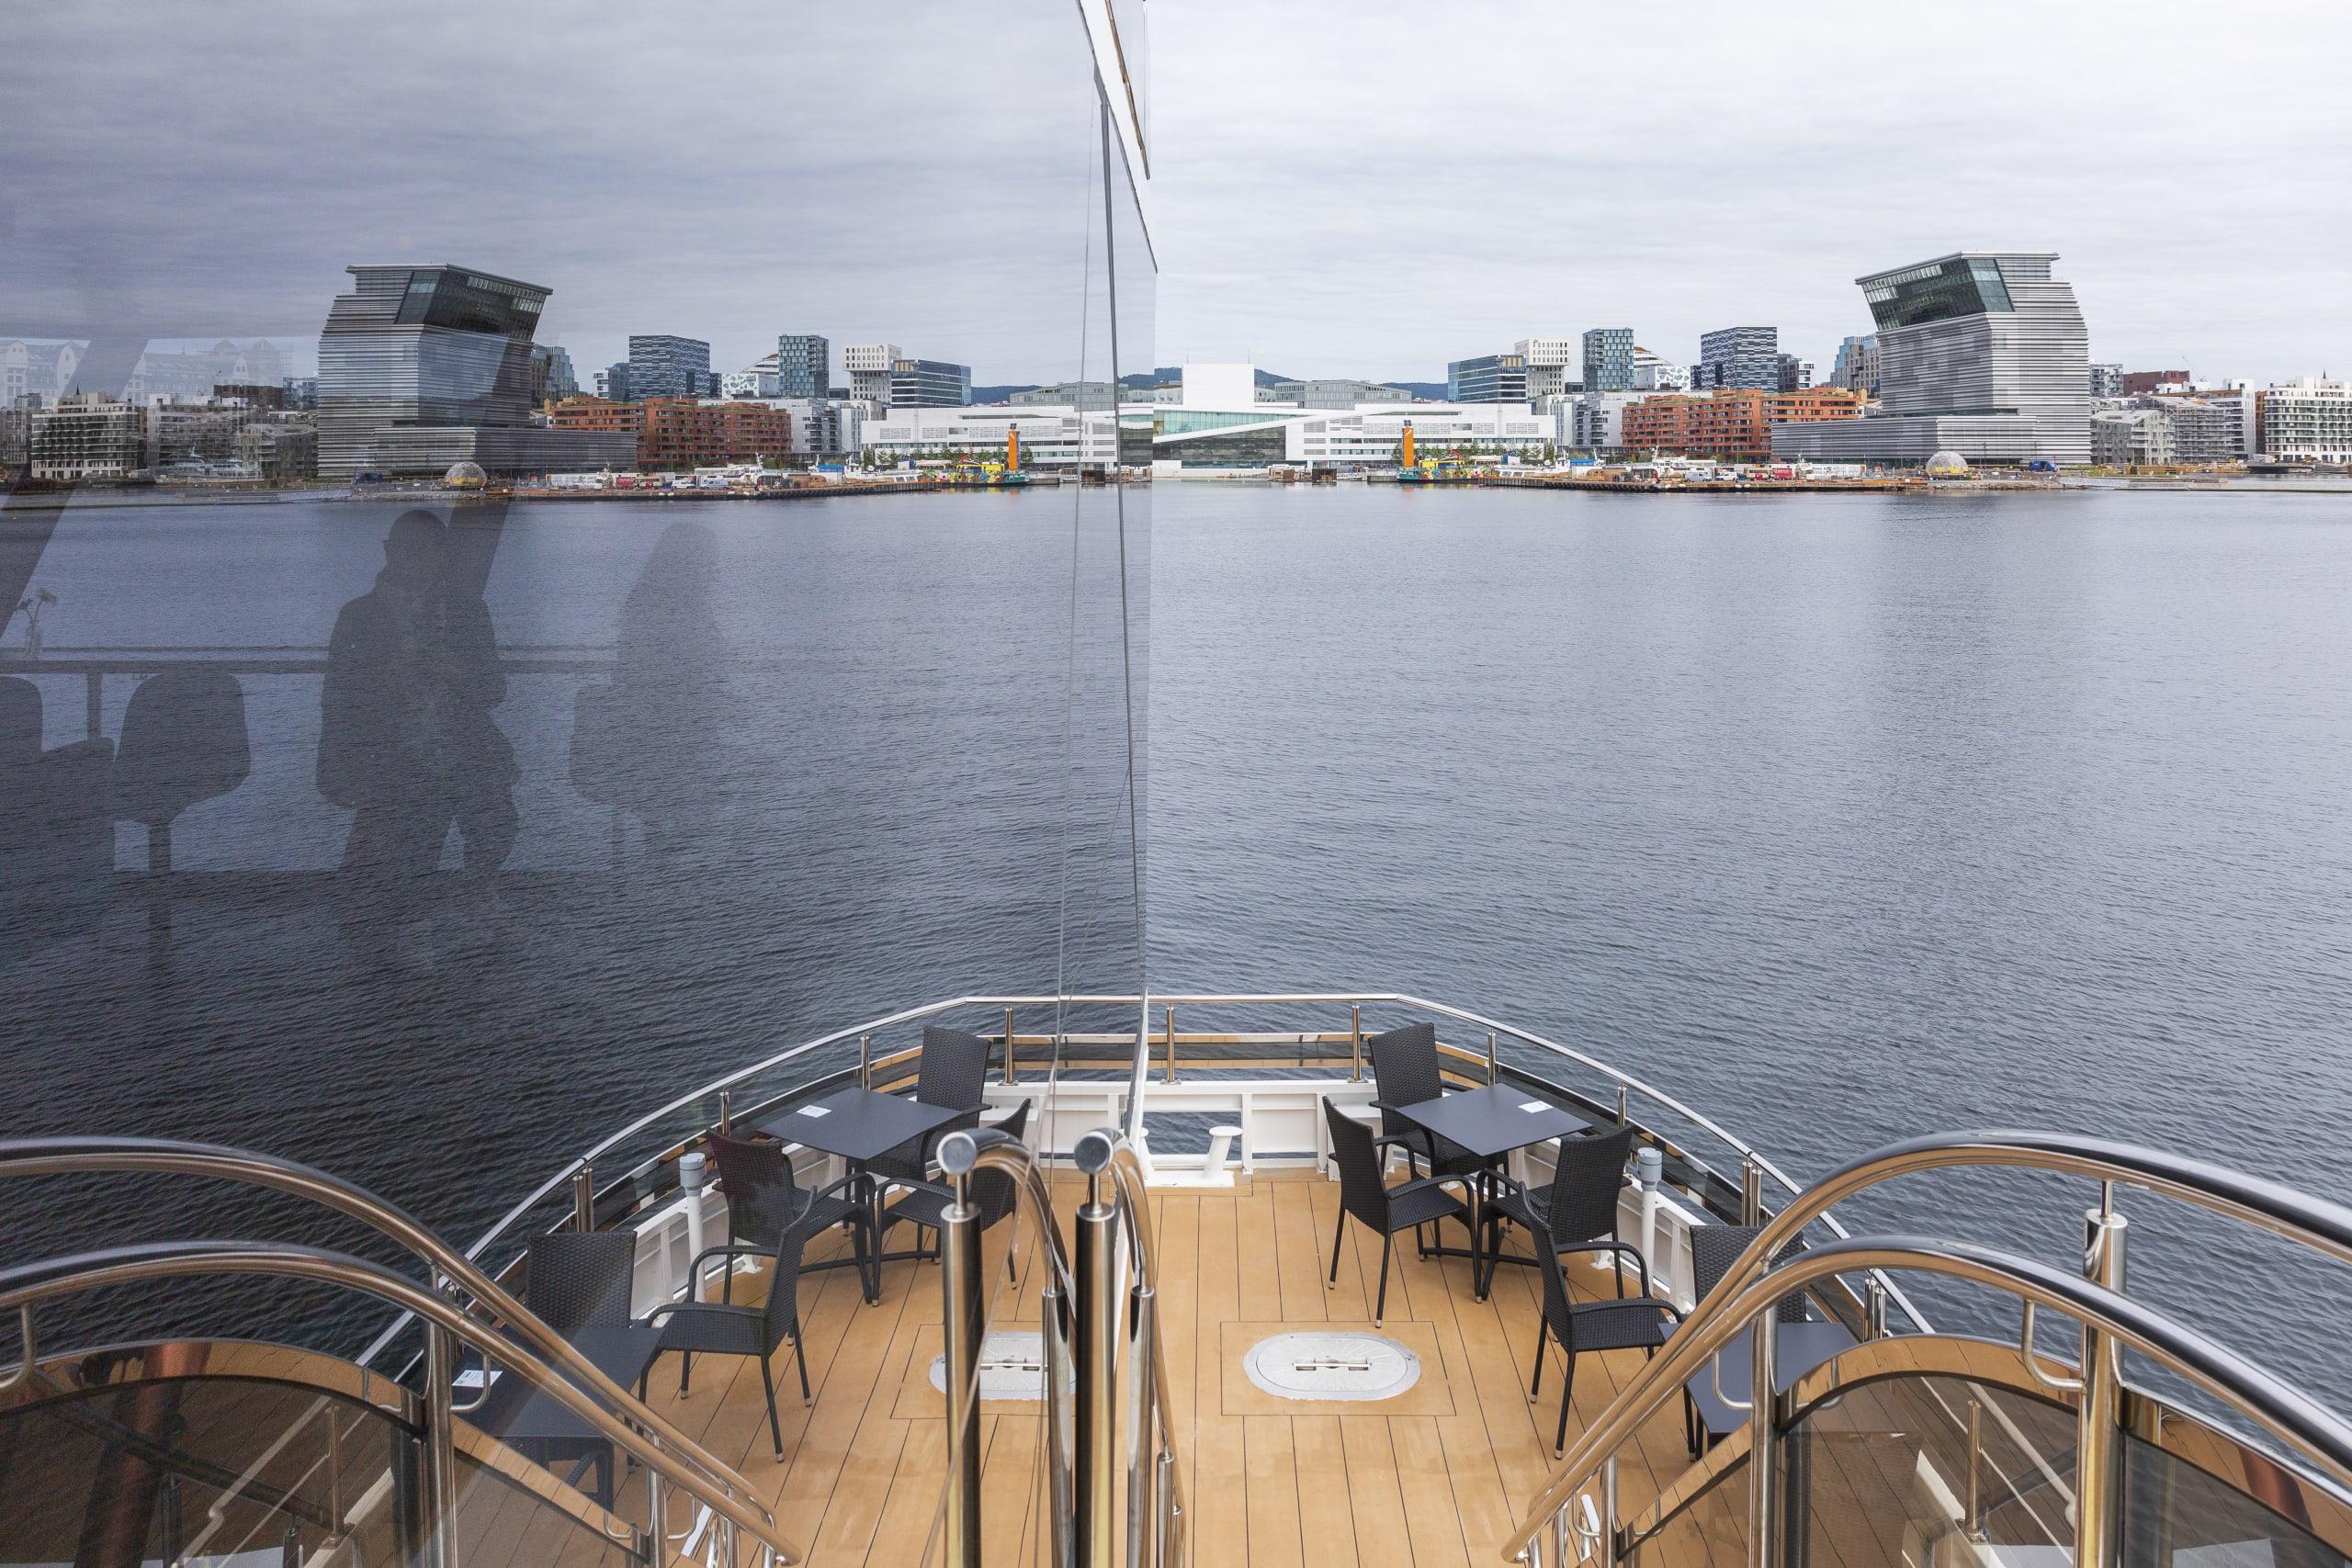 Brim sailing in Oslofjorden